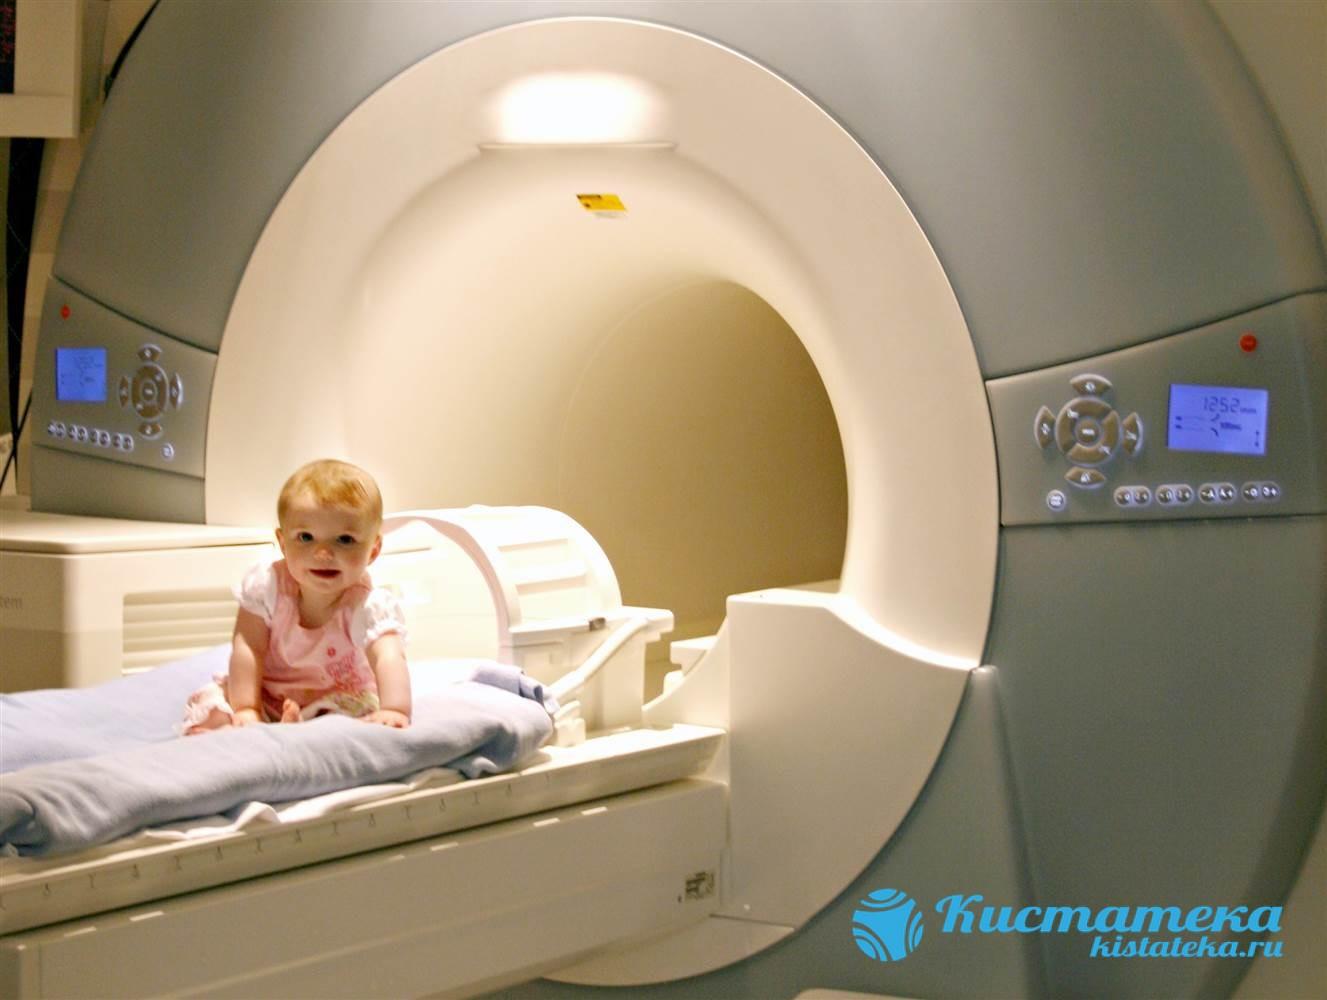 Магнитно-резонансное исследование показано новорожденным, если УЗИ не дало нужны результатов